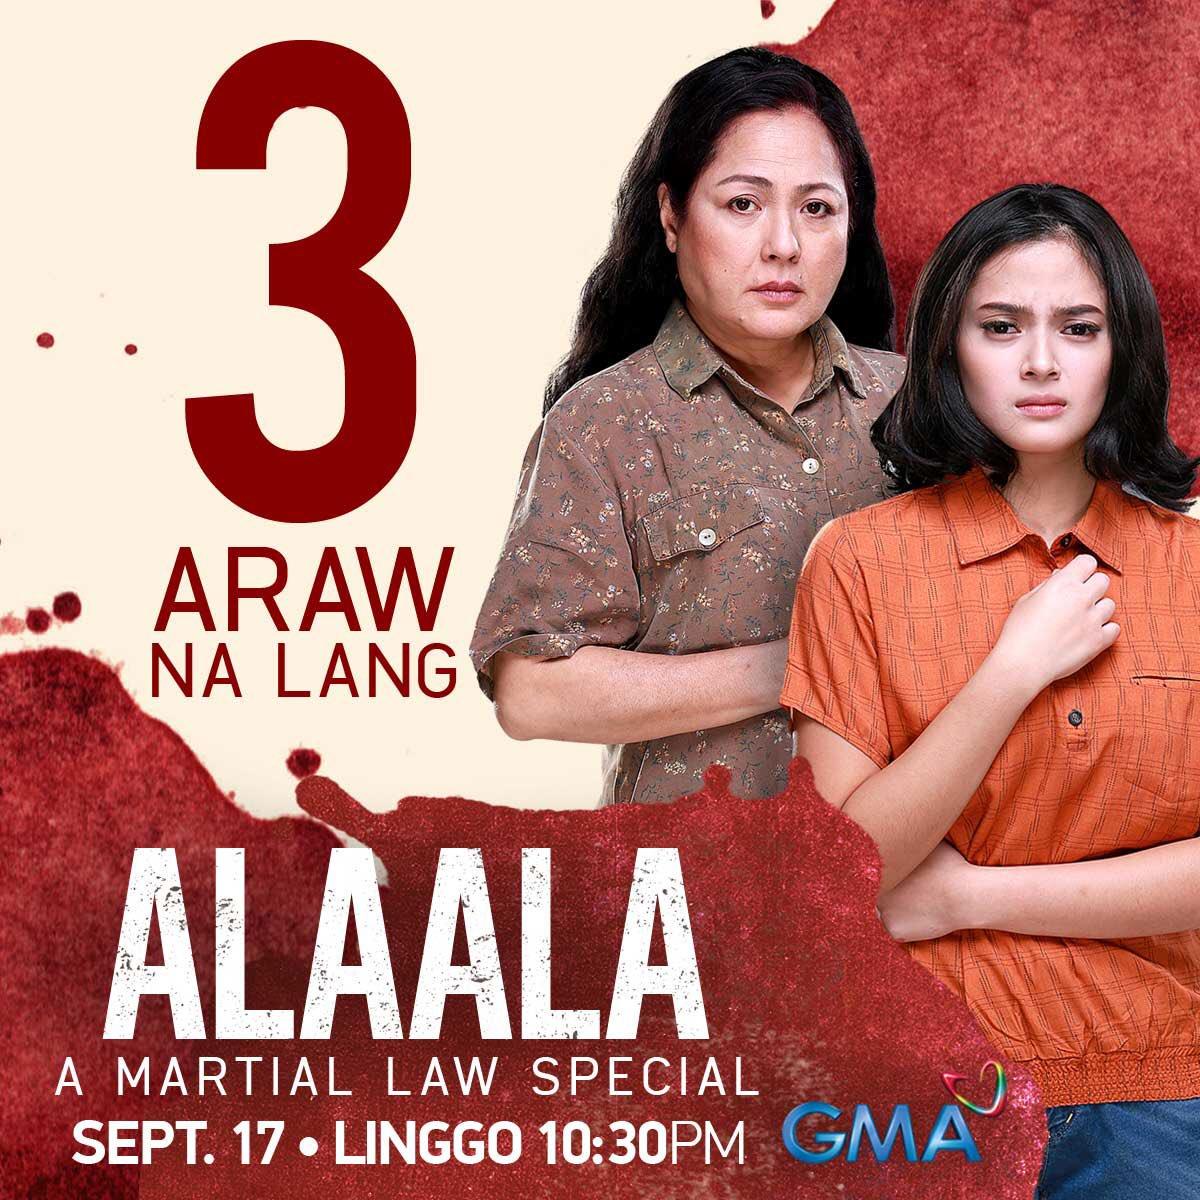 Alaala A Martial Law Special (2017)